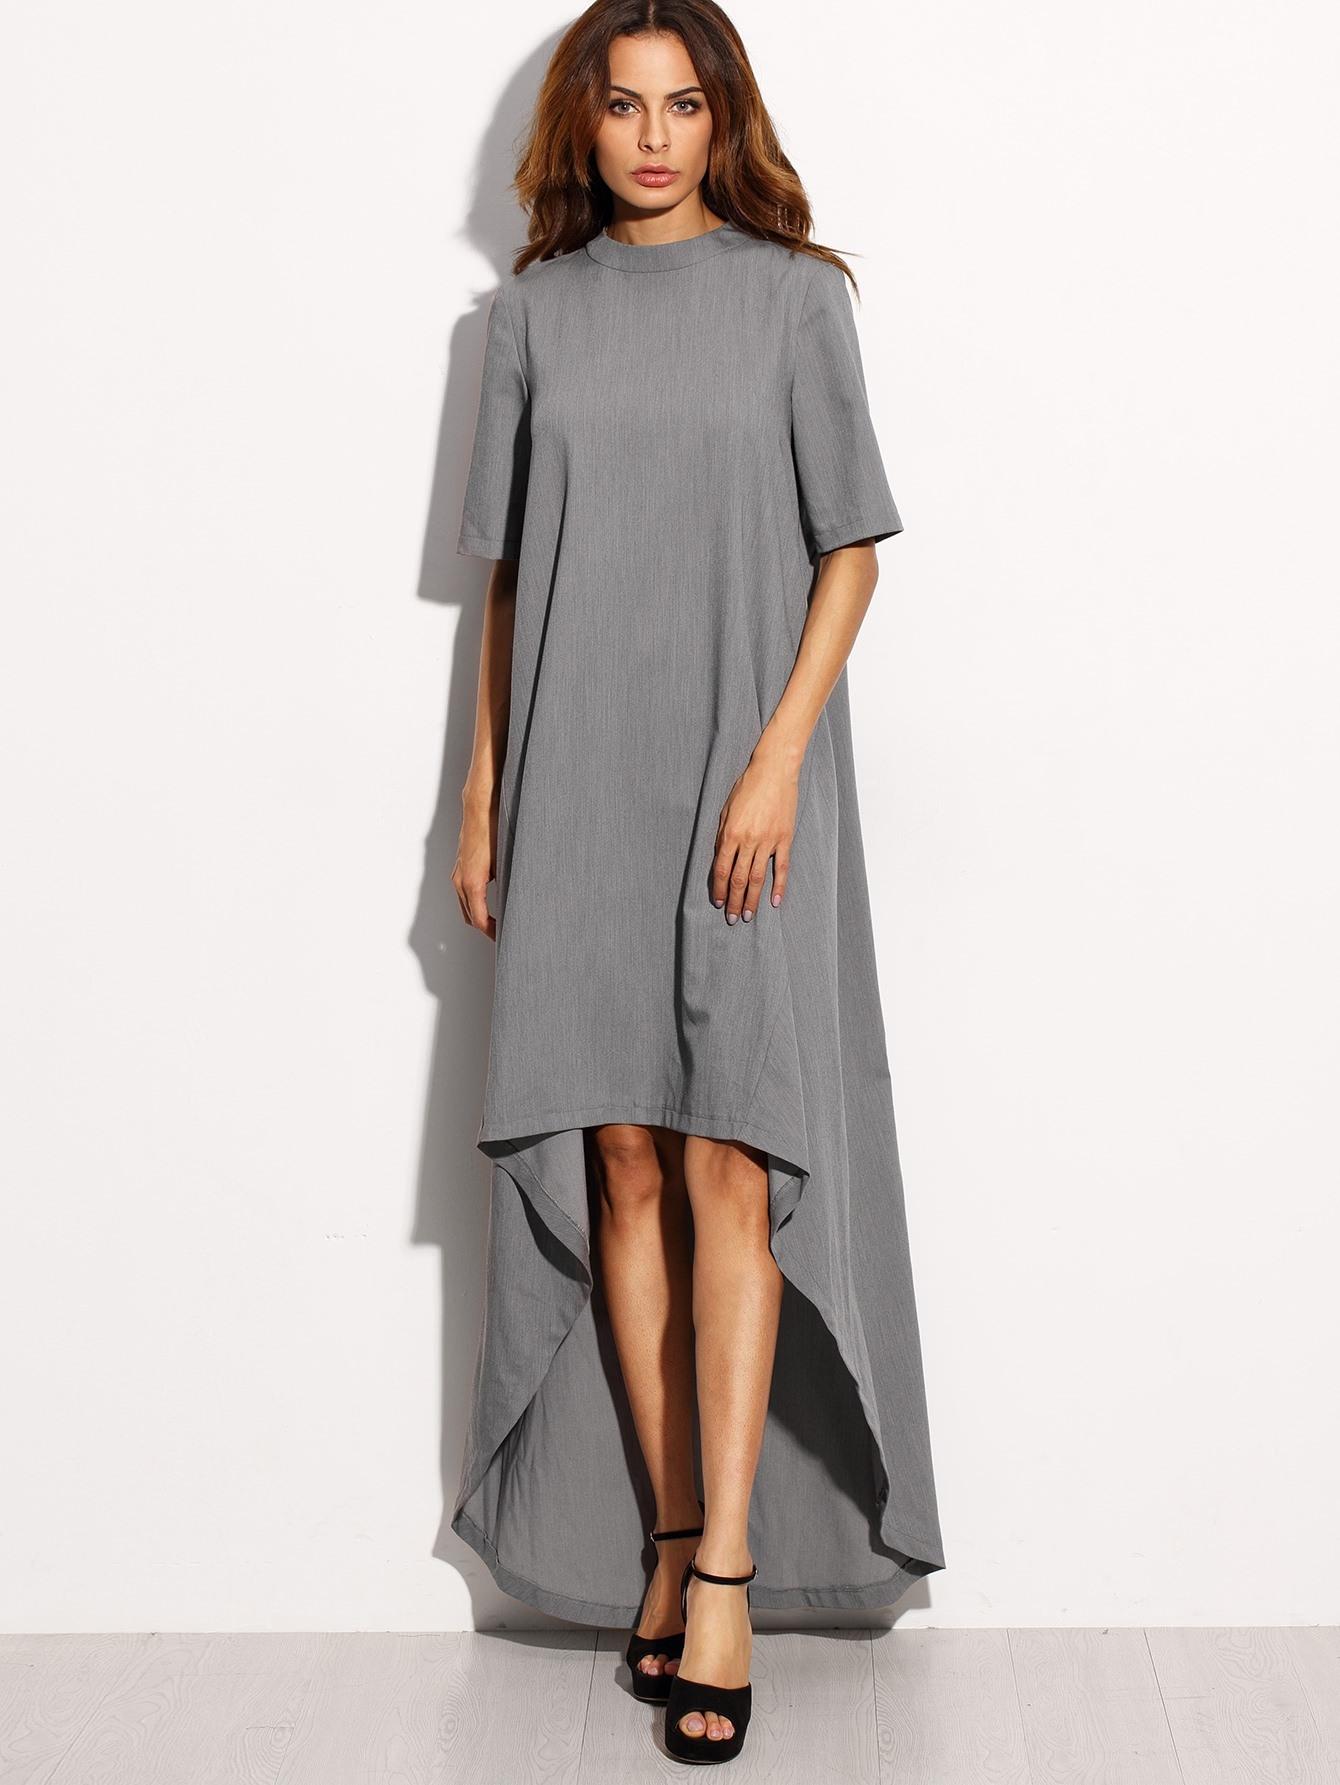 Großartig Kleid Grau Lang Stylish13 Schön Kleid Grau Lang Stylish